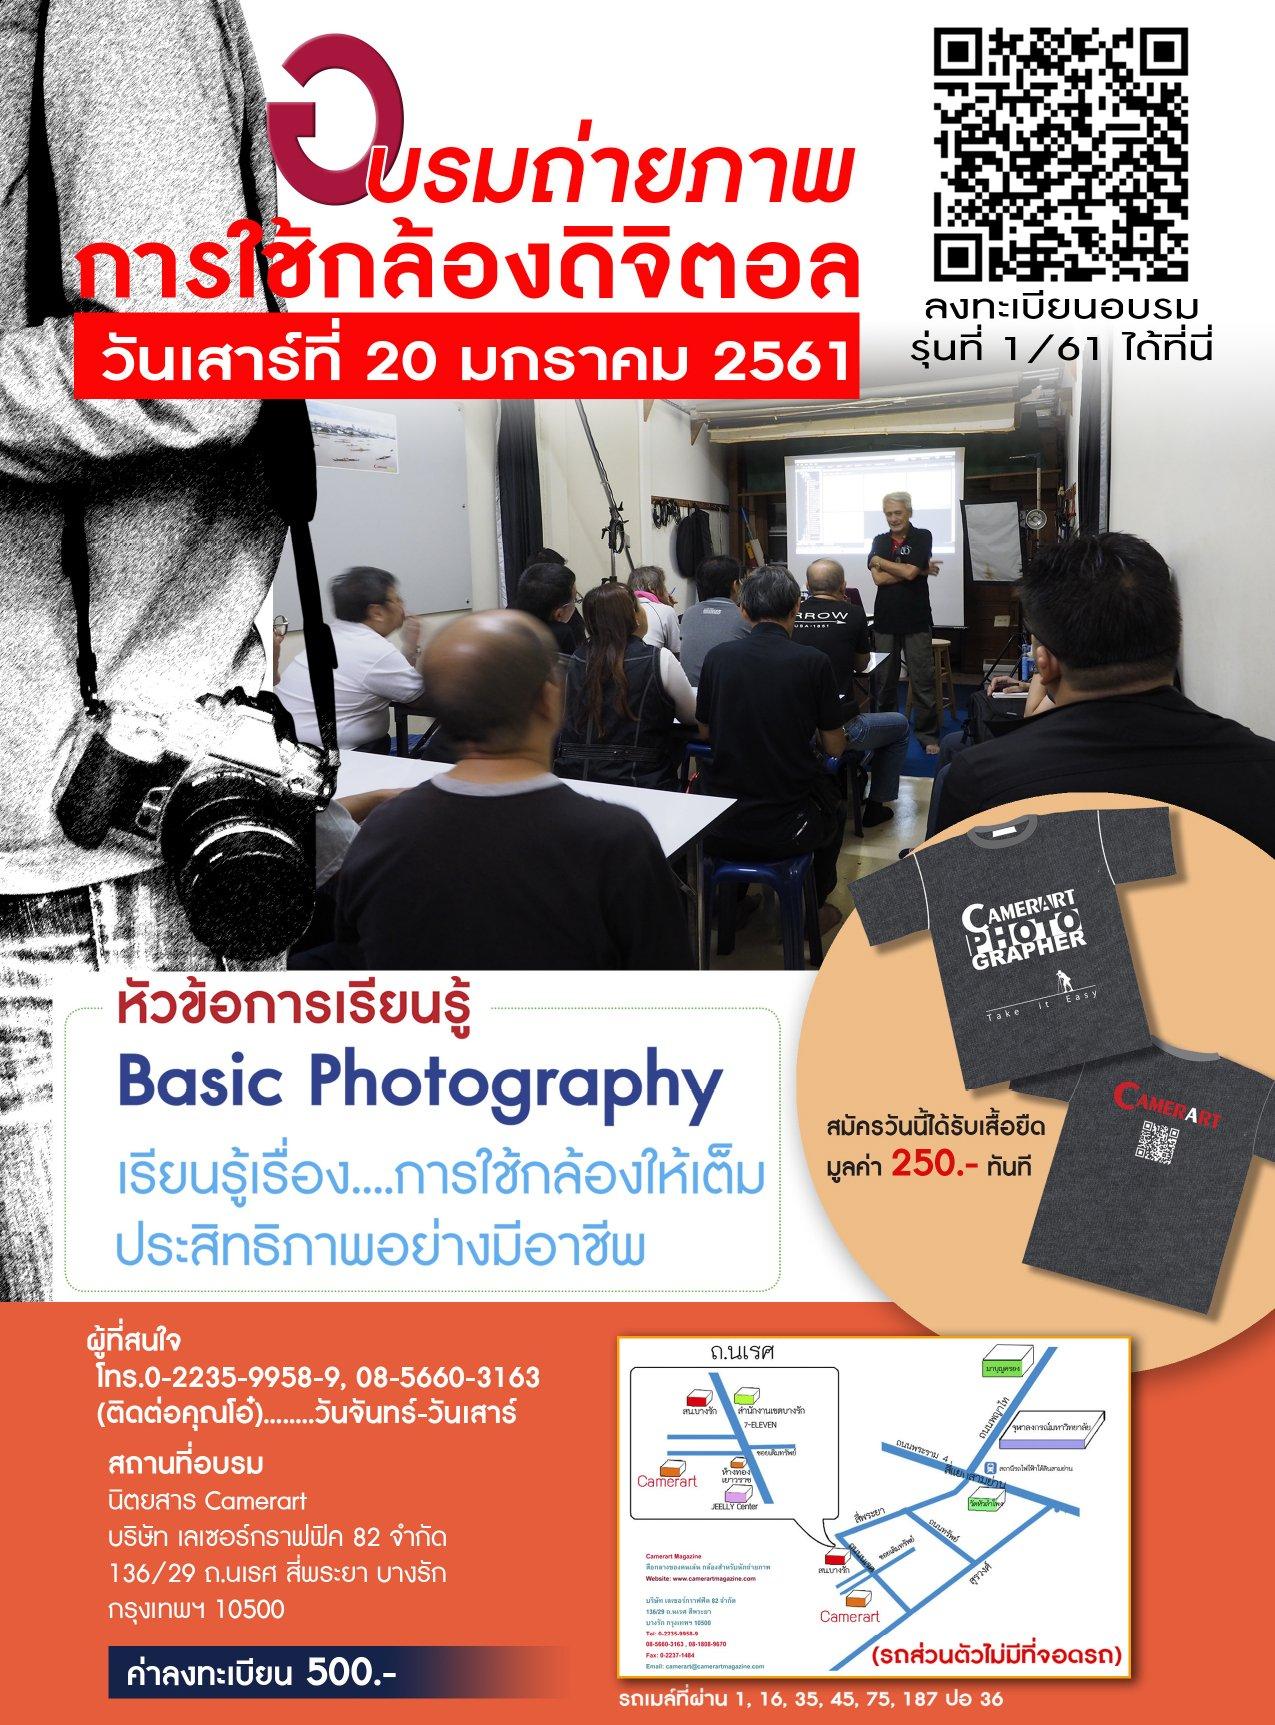 เรียนถ่ายภาพเบื้องต้น ด้วยกล้อง DSLR หรือกล้อง Mirrorless 13 -